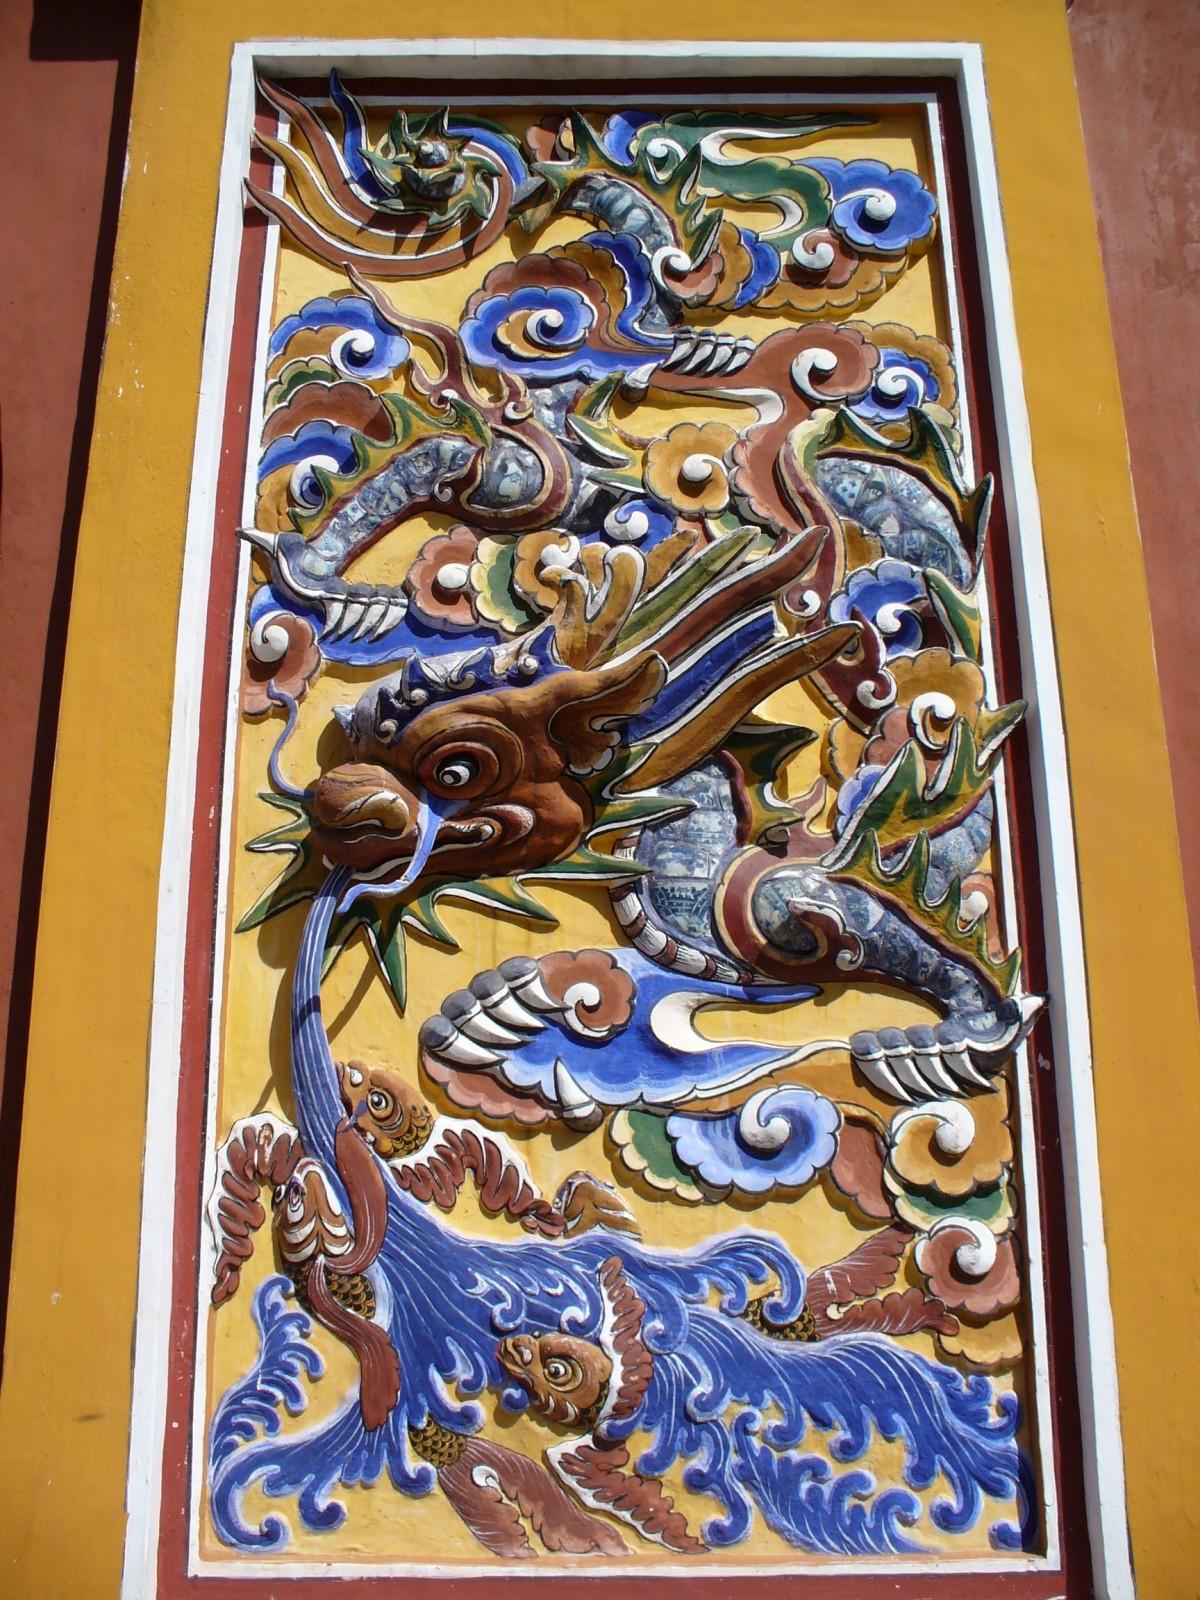 Gambar : kayu, antik, jendela, Asia, bahan, kaca berwarna ...